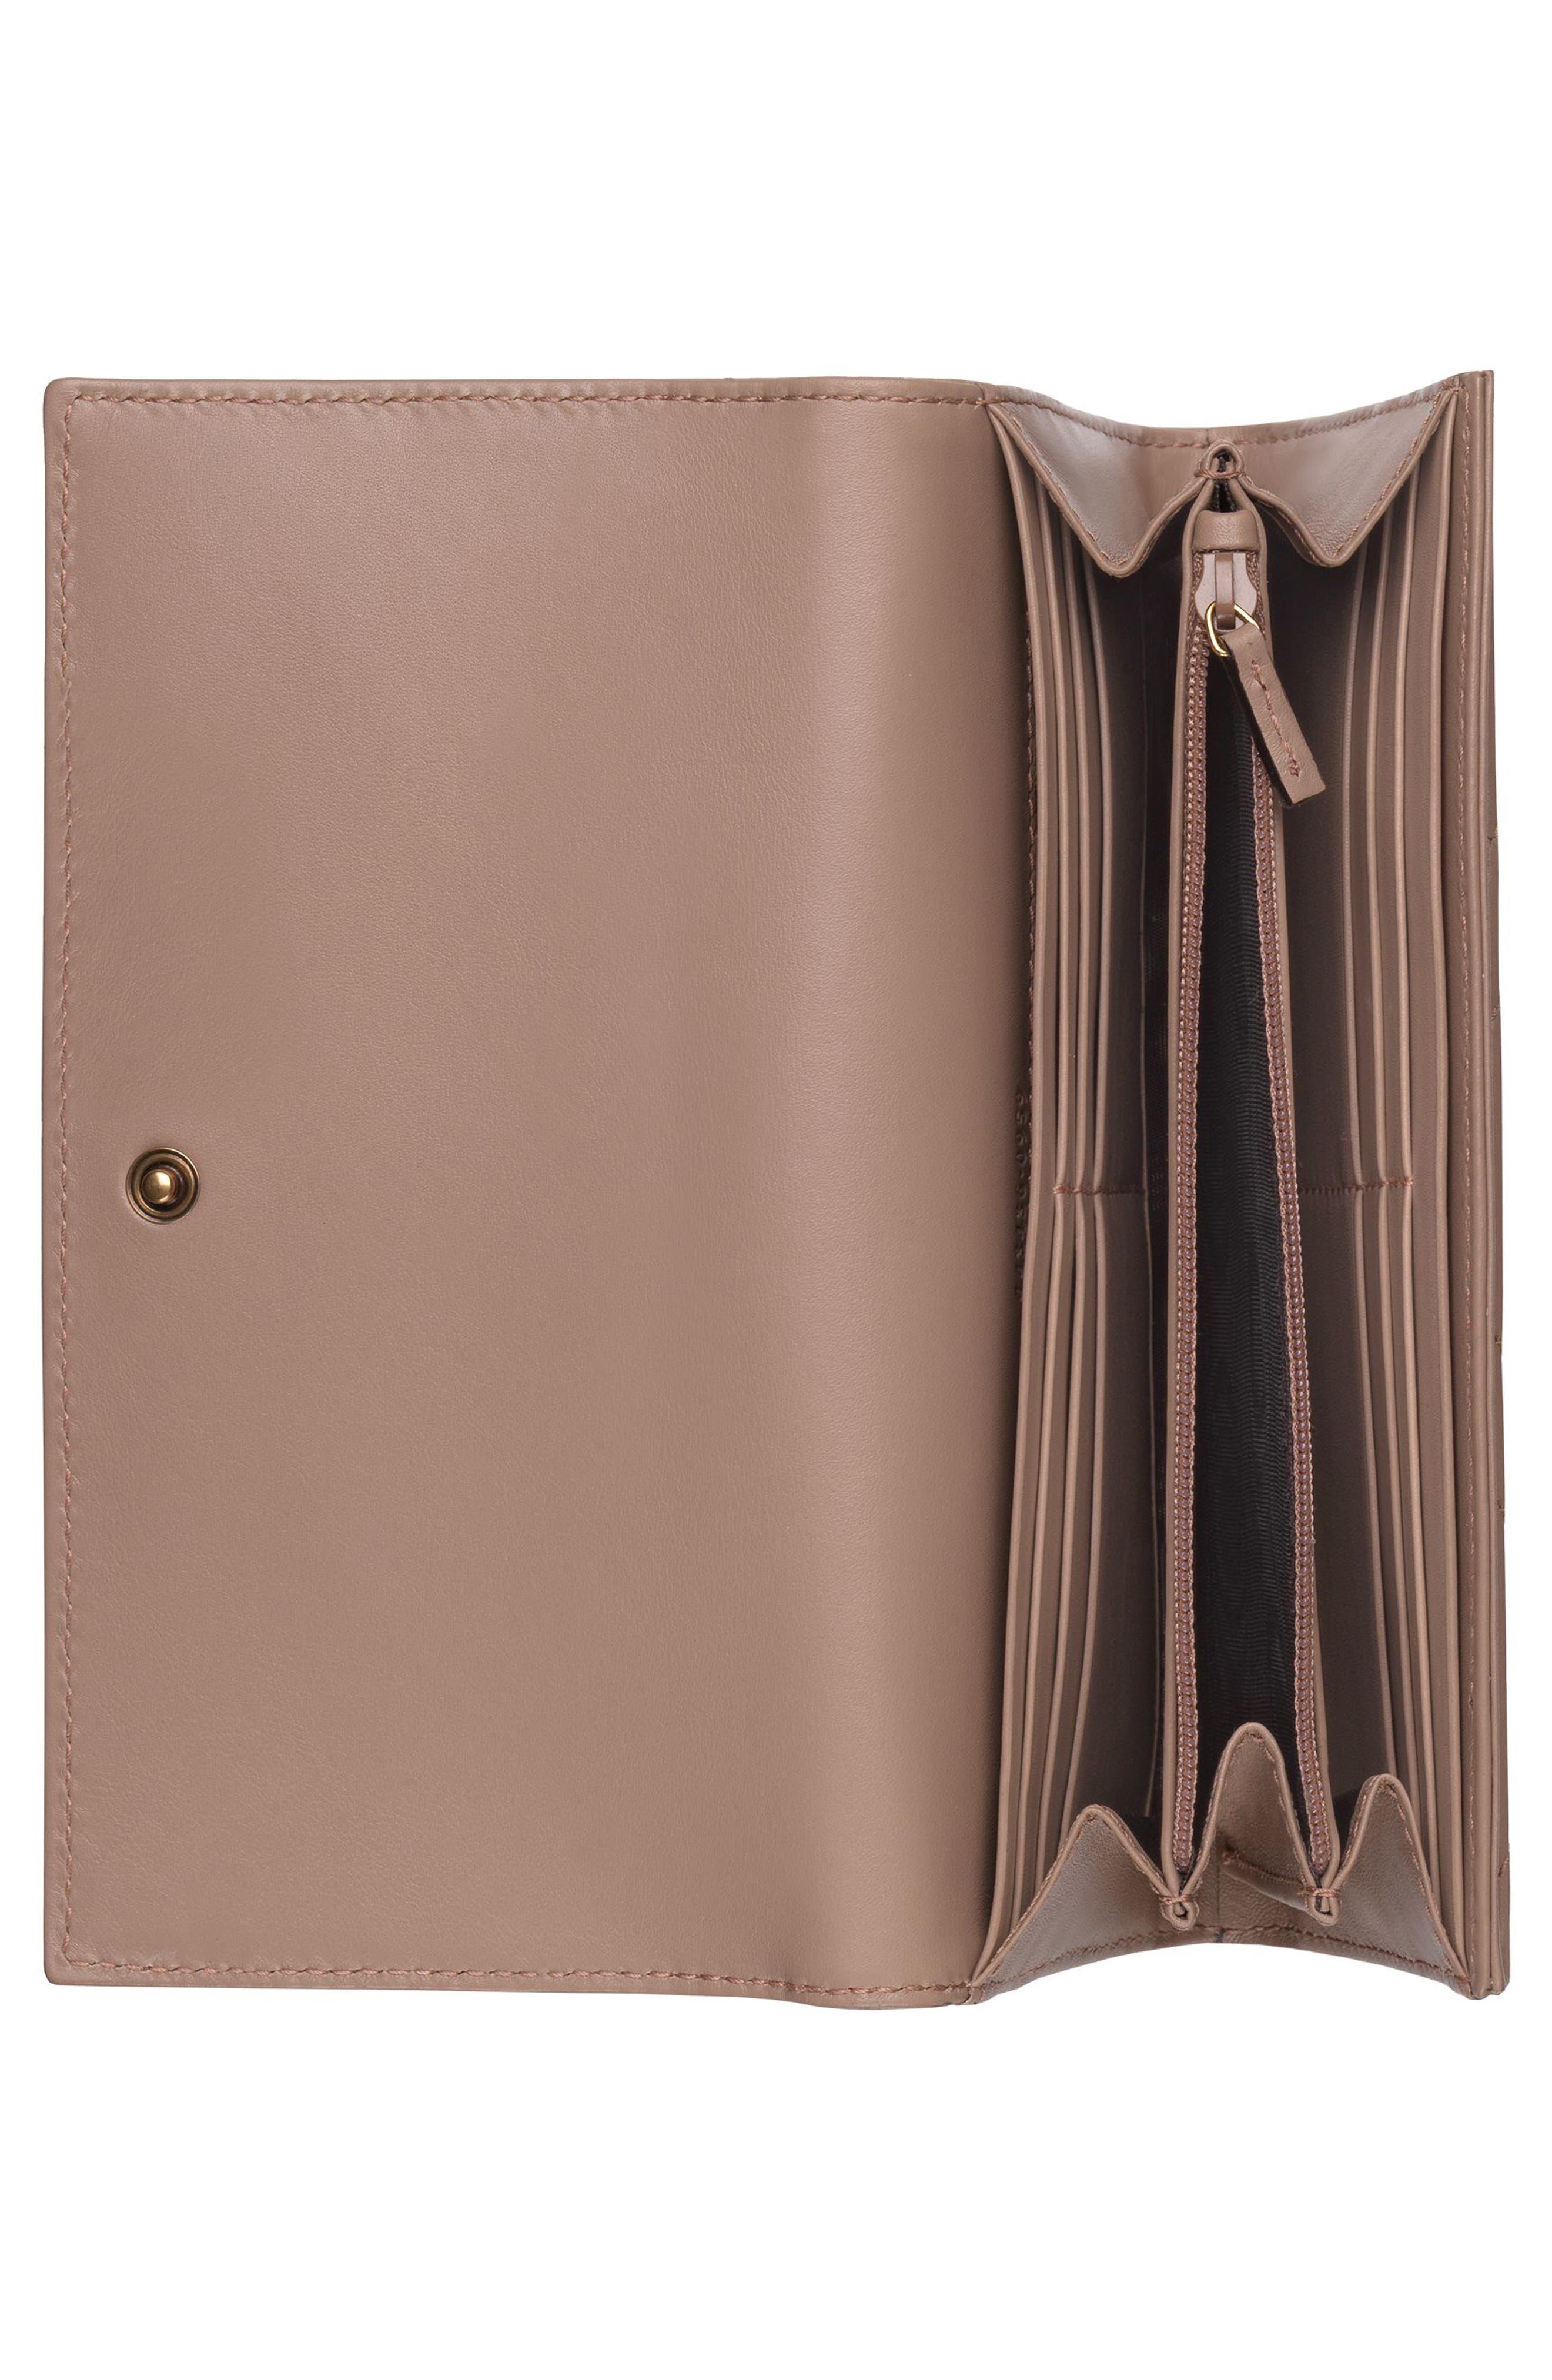 GUCCI, GG Marmont Matelassé Leather Continental Wallet, Alternate thumbnail 2, color, PORCELAIN ROSE